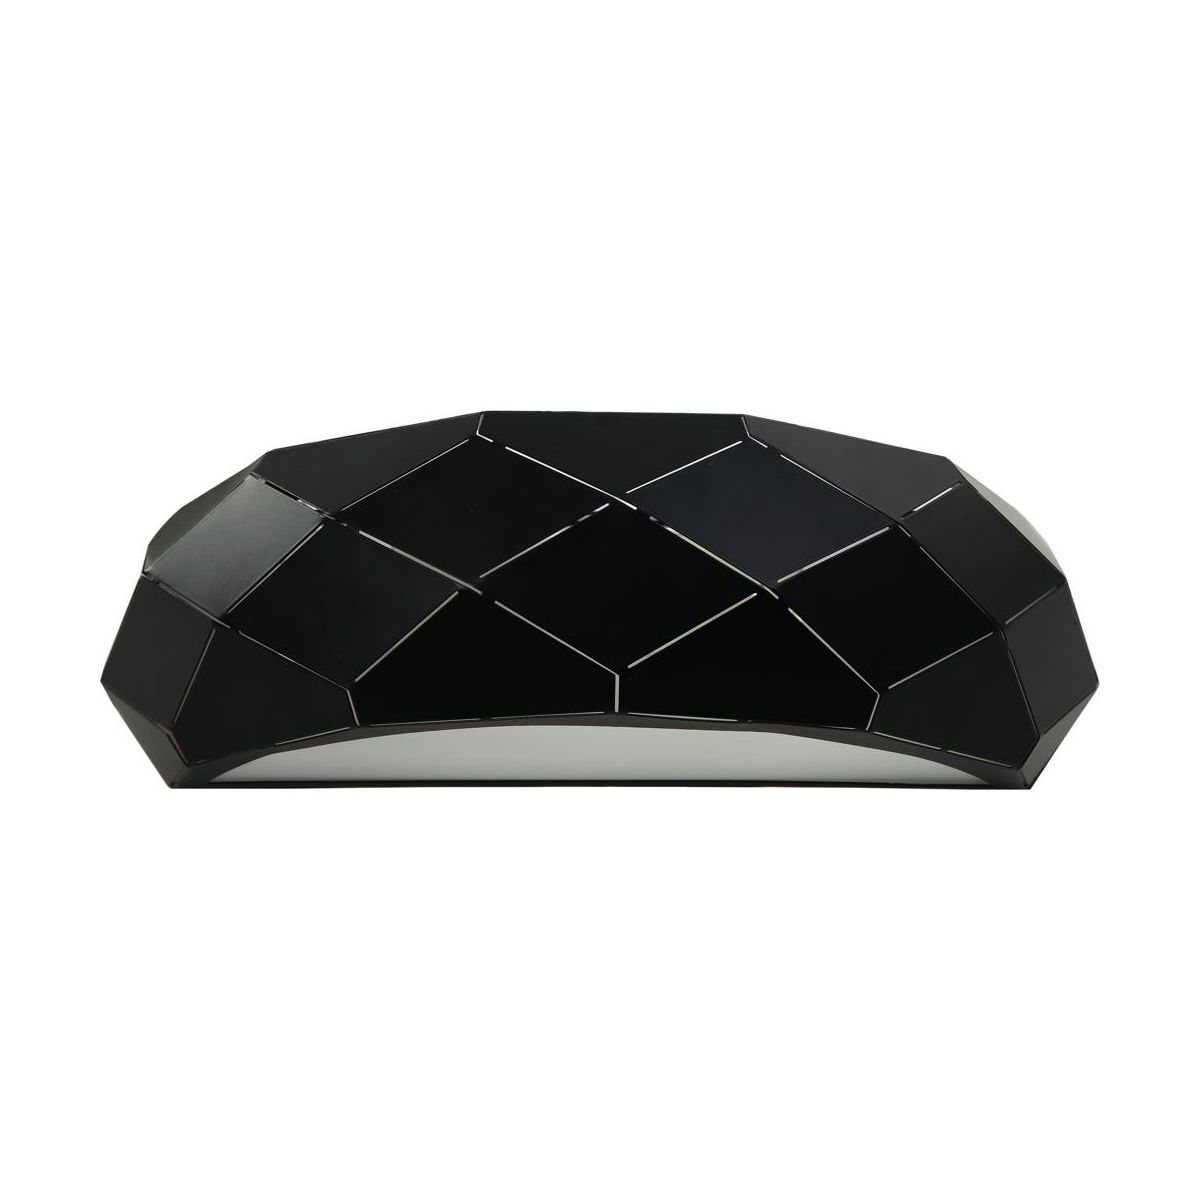 Kinkiet Reus Czarny E27 Light Prestige Kinkiety W Atrakcyjnej Cenie W Sklepach Leroy Merlin